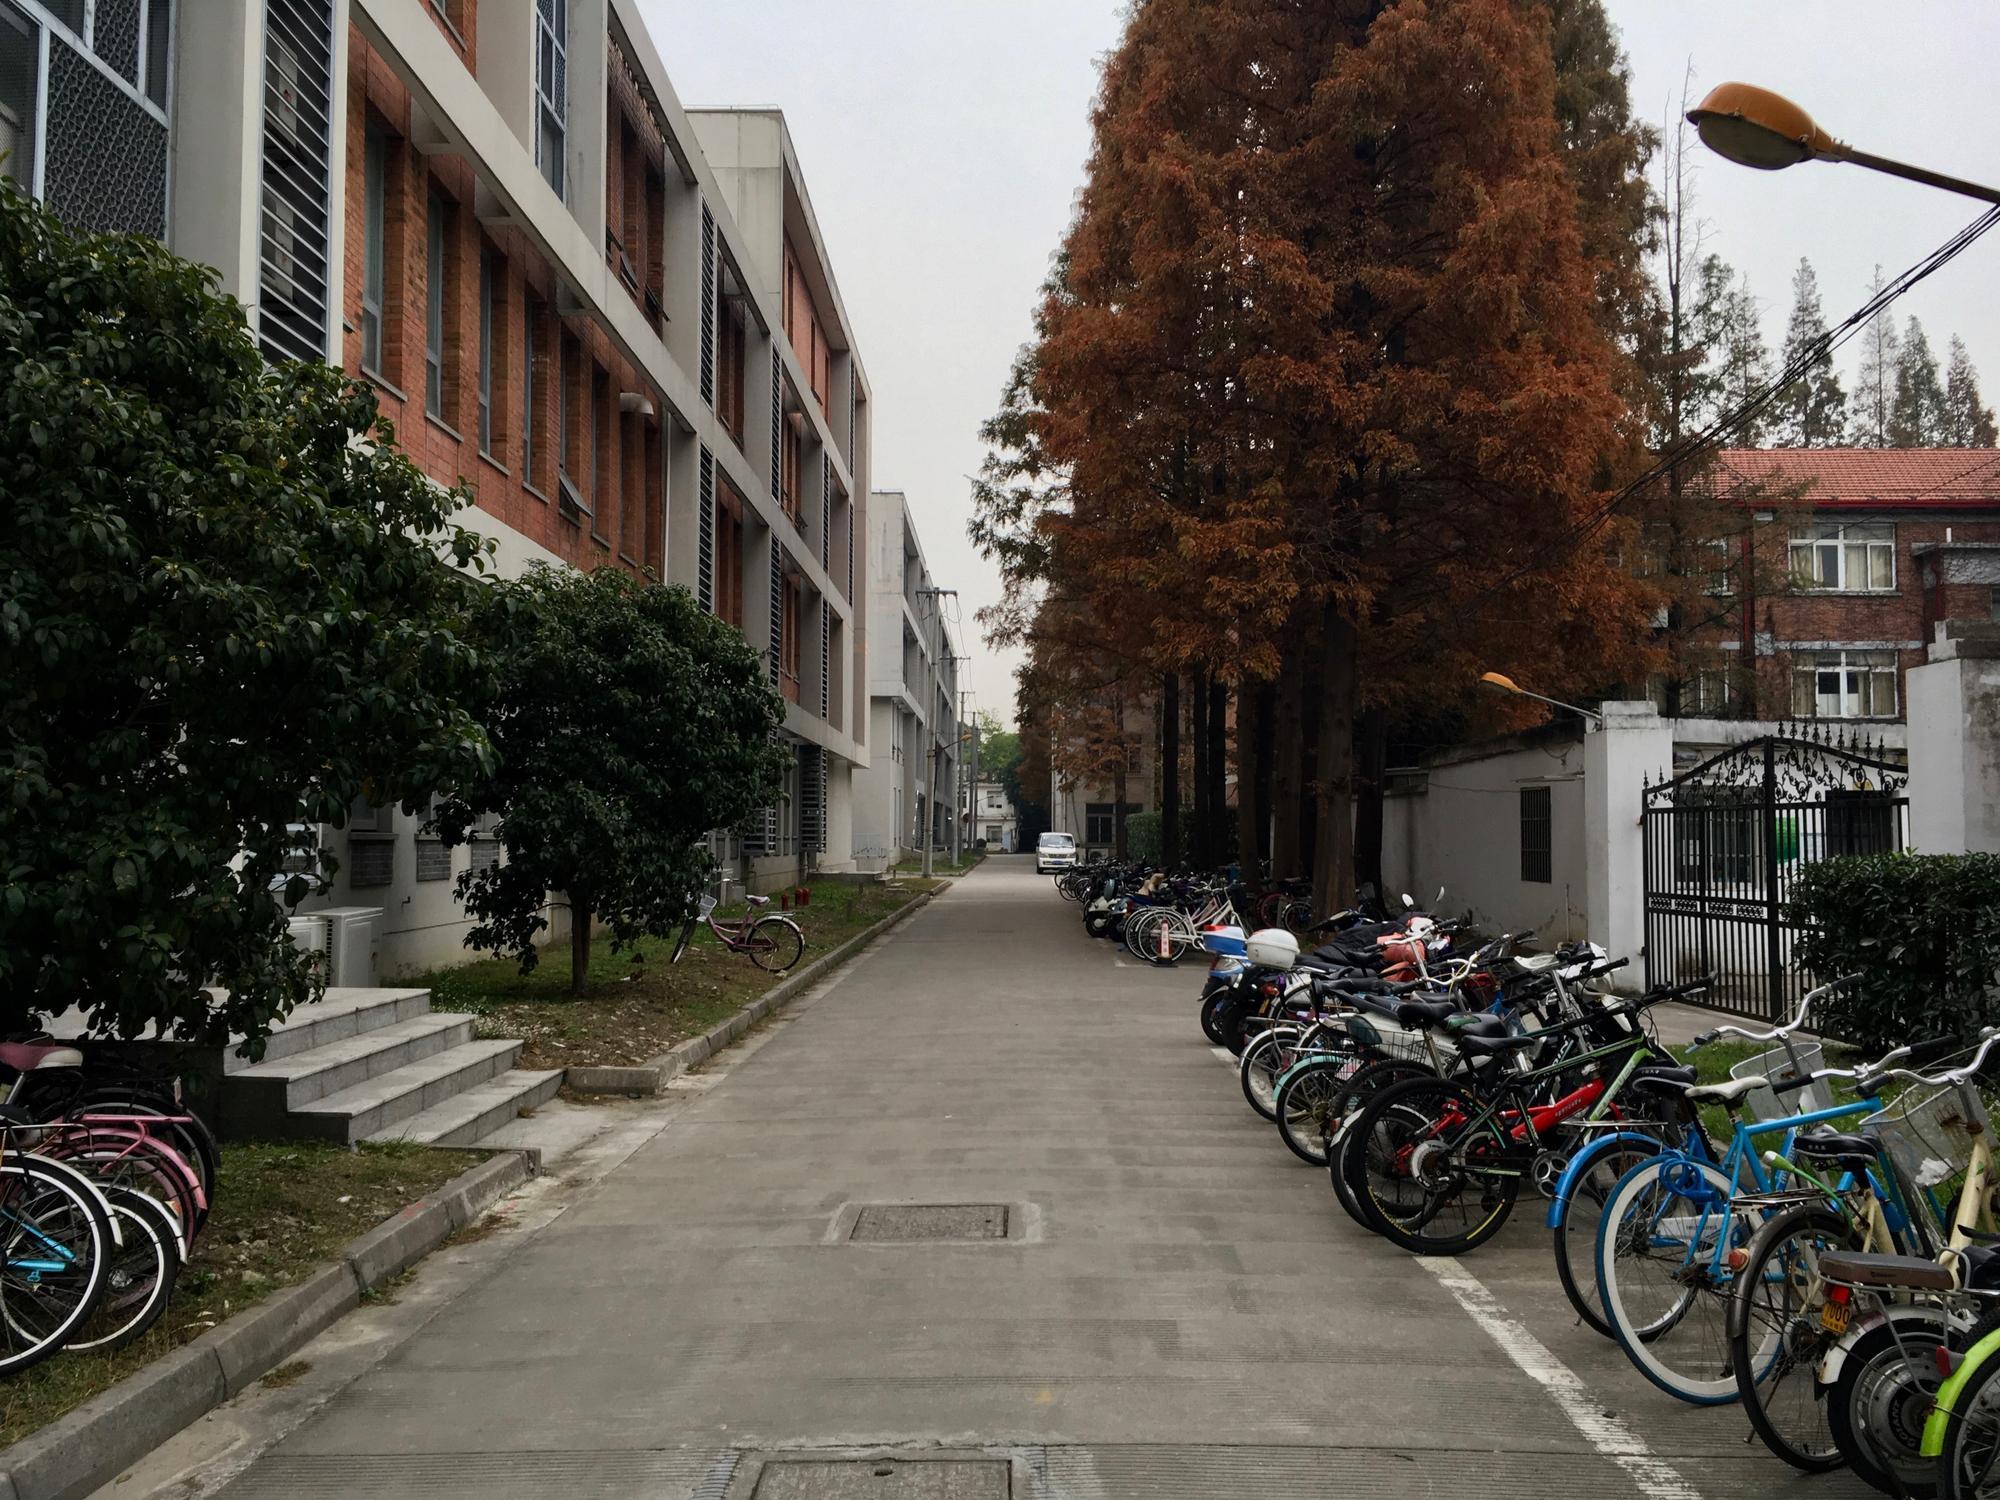 🇨🇳 Сучжоу, Китай, декабрь 2017.